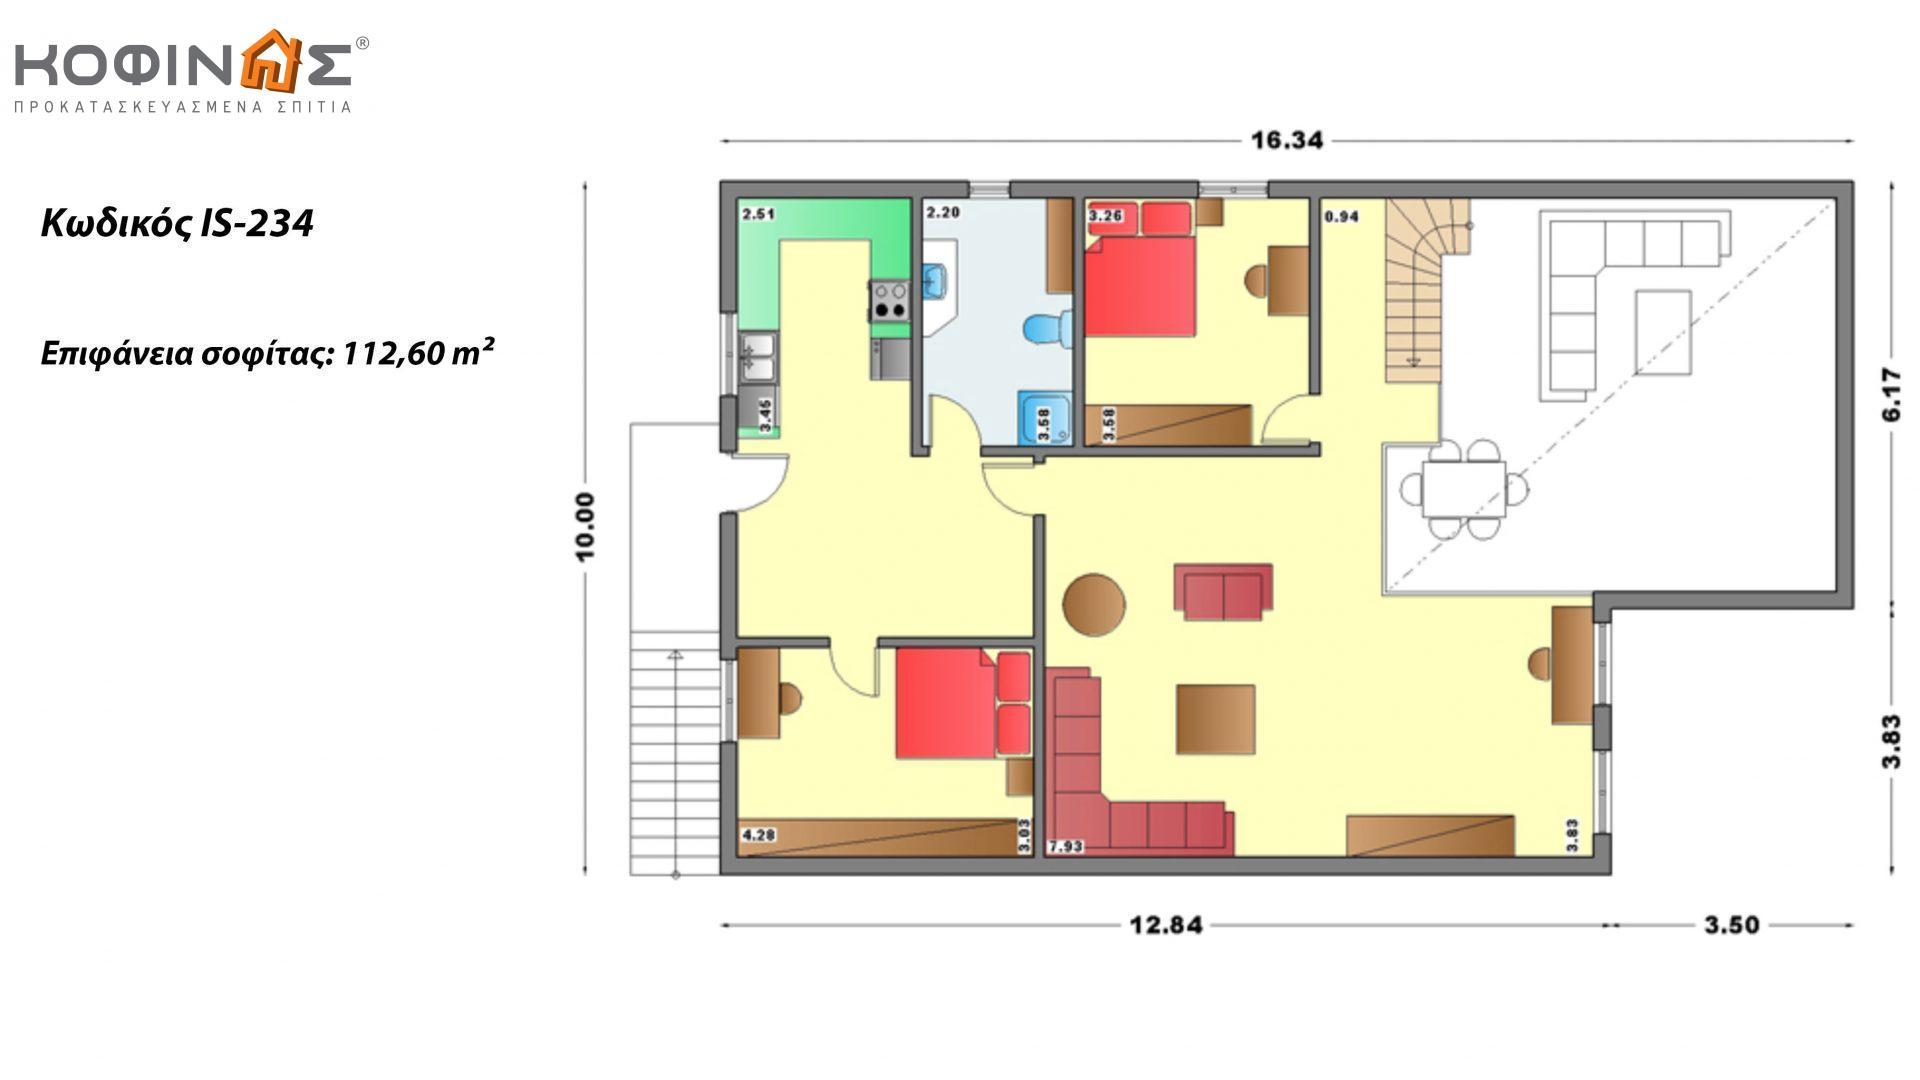 Ισόγεια Κατοικία με Σοφίτα IS-234,συνολικής επιφάνειας 234,80τ.μ., +Γκαράζ 28.00 m²(=262,80 m²),συνολική επιφάνεια στεγασμένων χώρων 105,00 τ.μ.